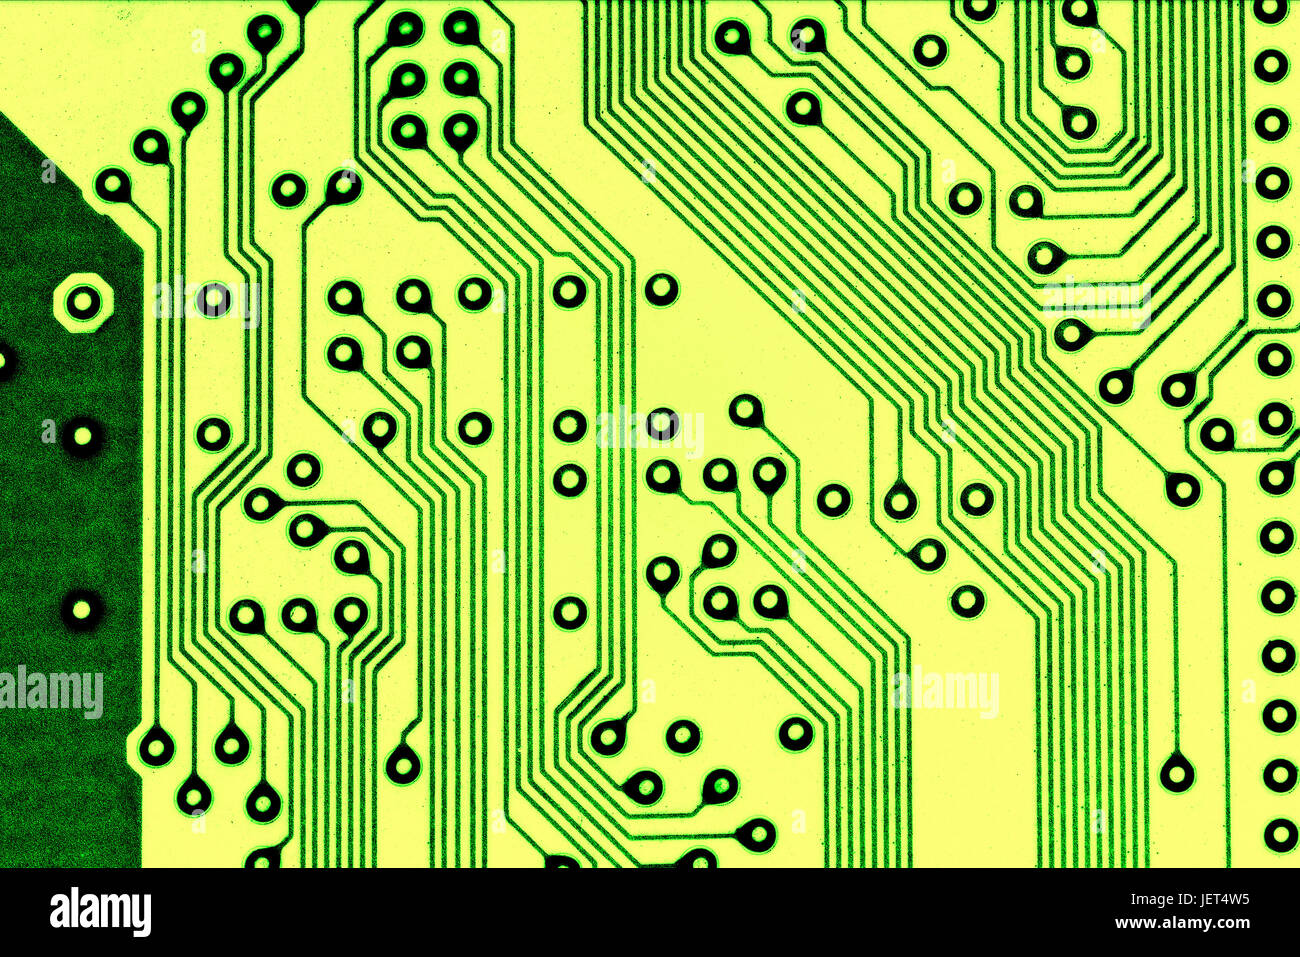 Berühmt Wie Man Elektrische Schaltkreise Herstellt Fotos - Der ...